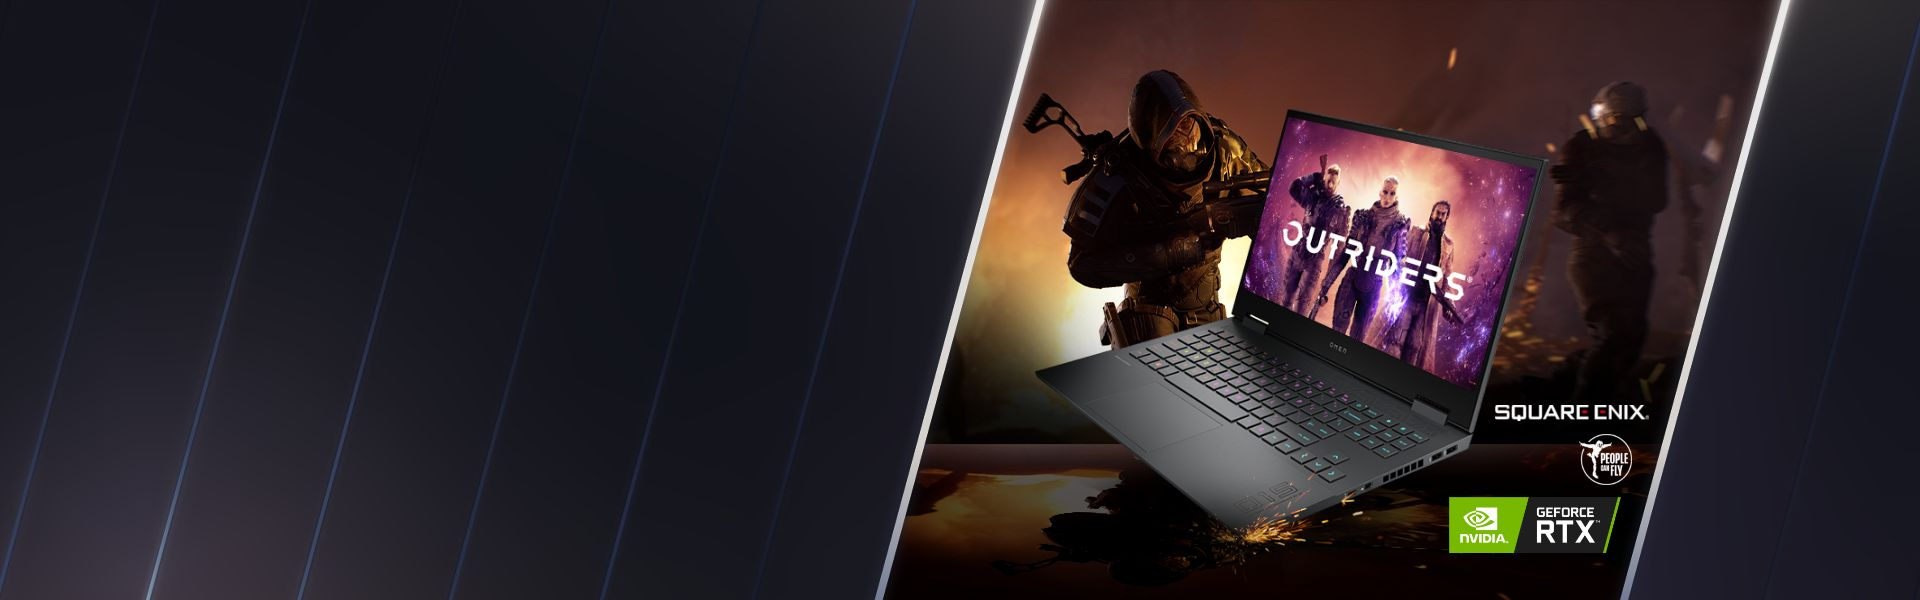 HP Nvidia Game Bundle